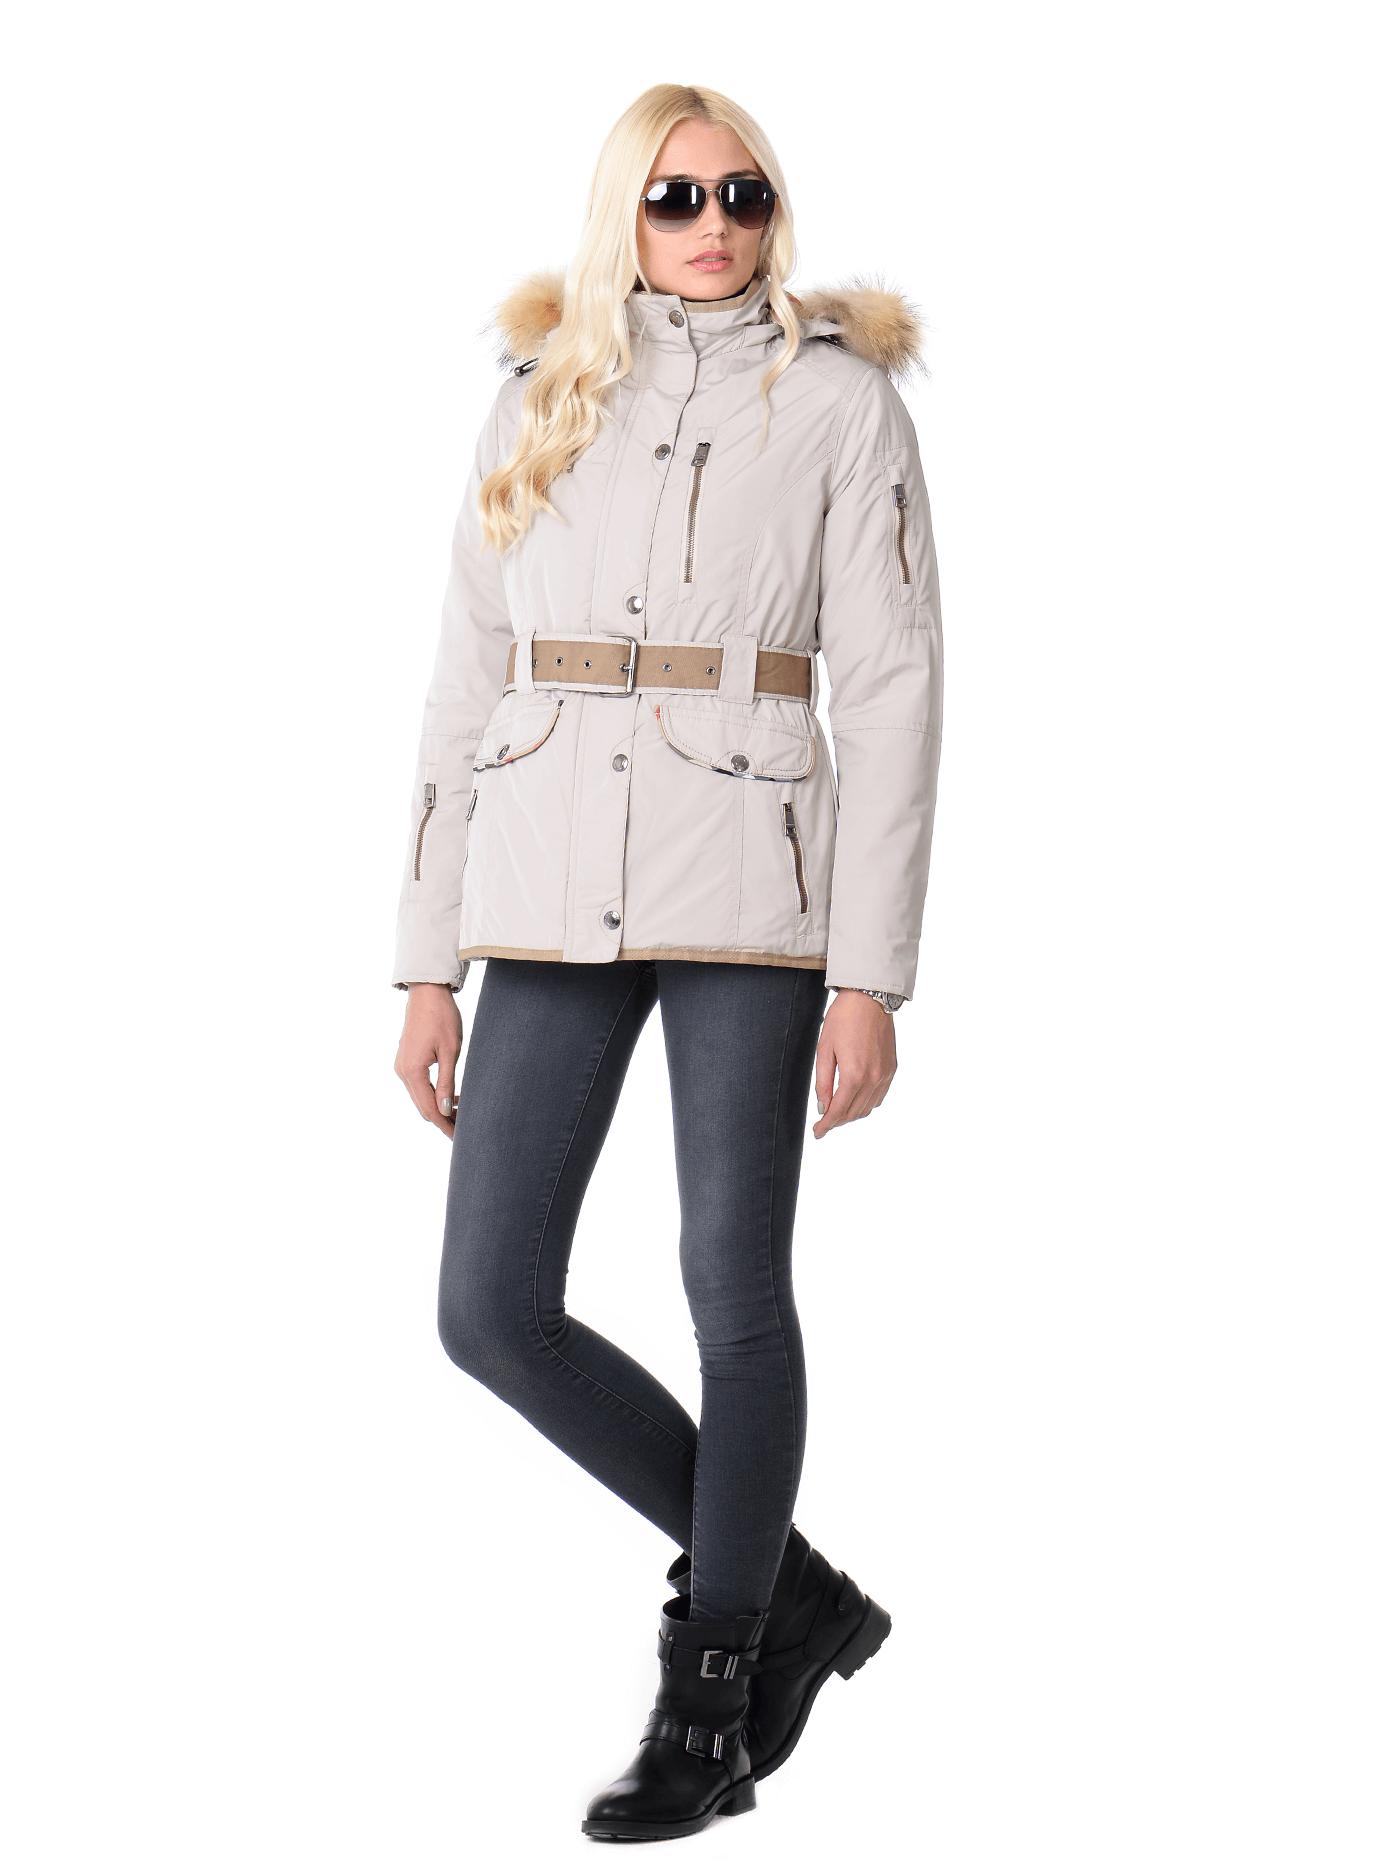 Куртка зимняя женская мех енот Молочный S (02-MR19092): фото - Alster.ua